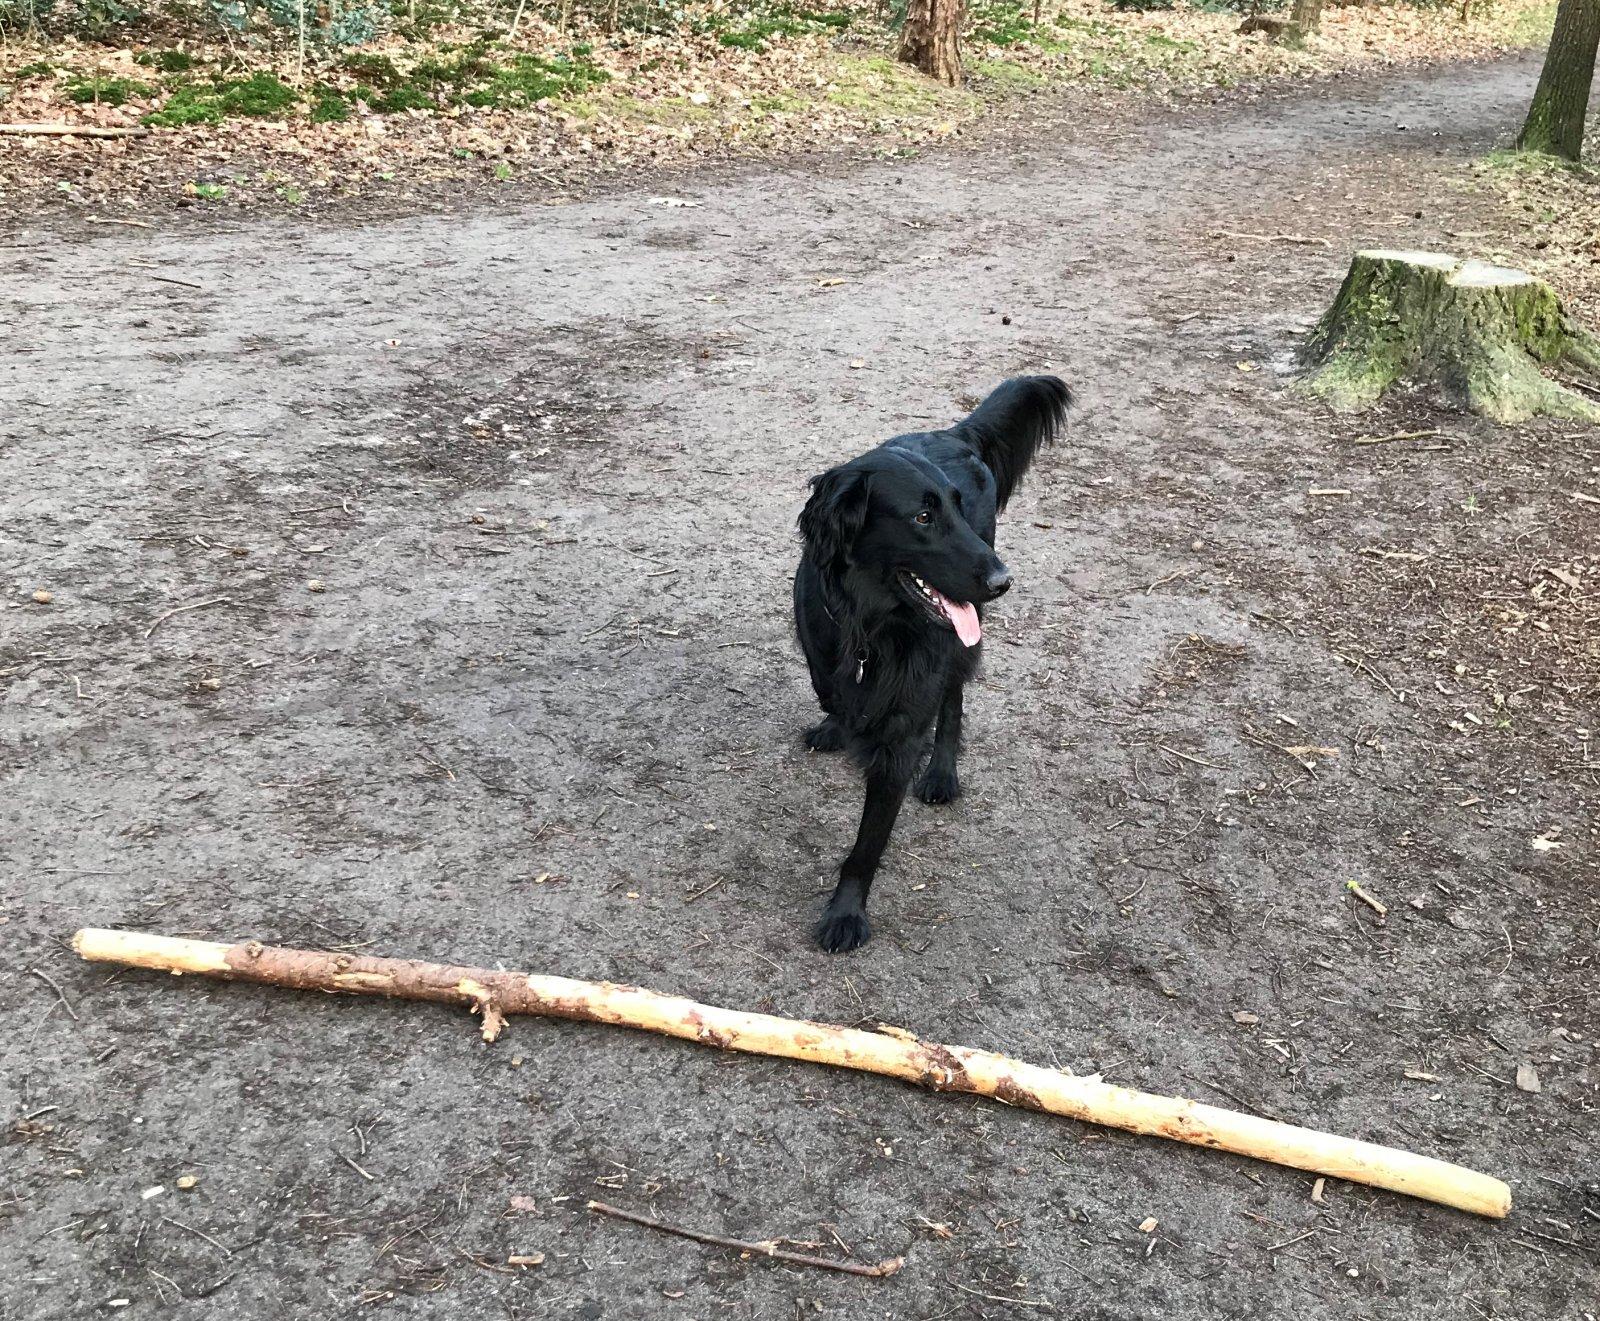 Hond in het bos met grote tak